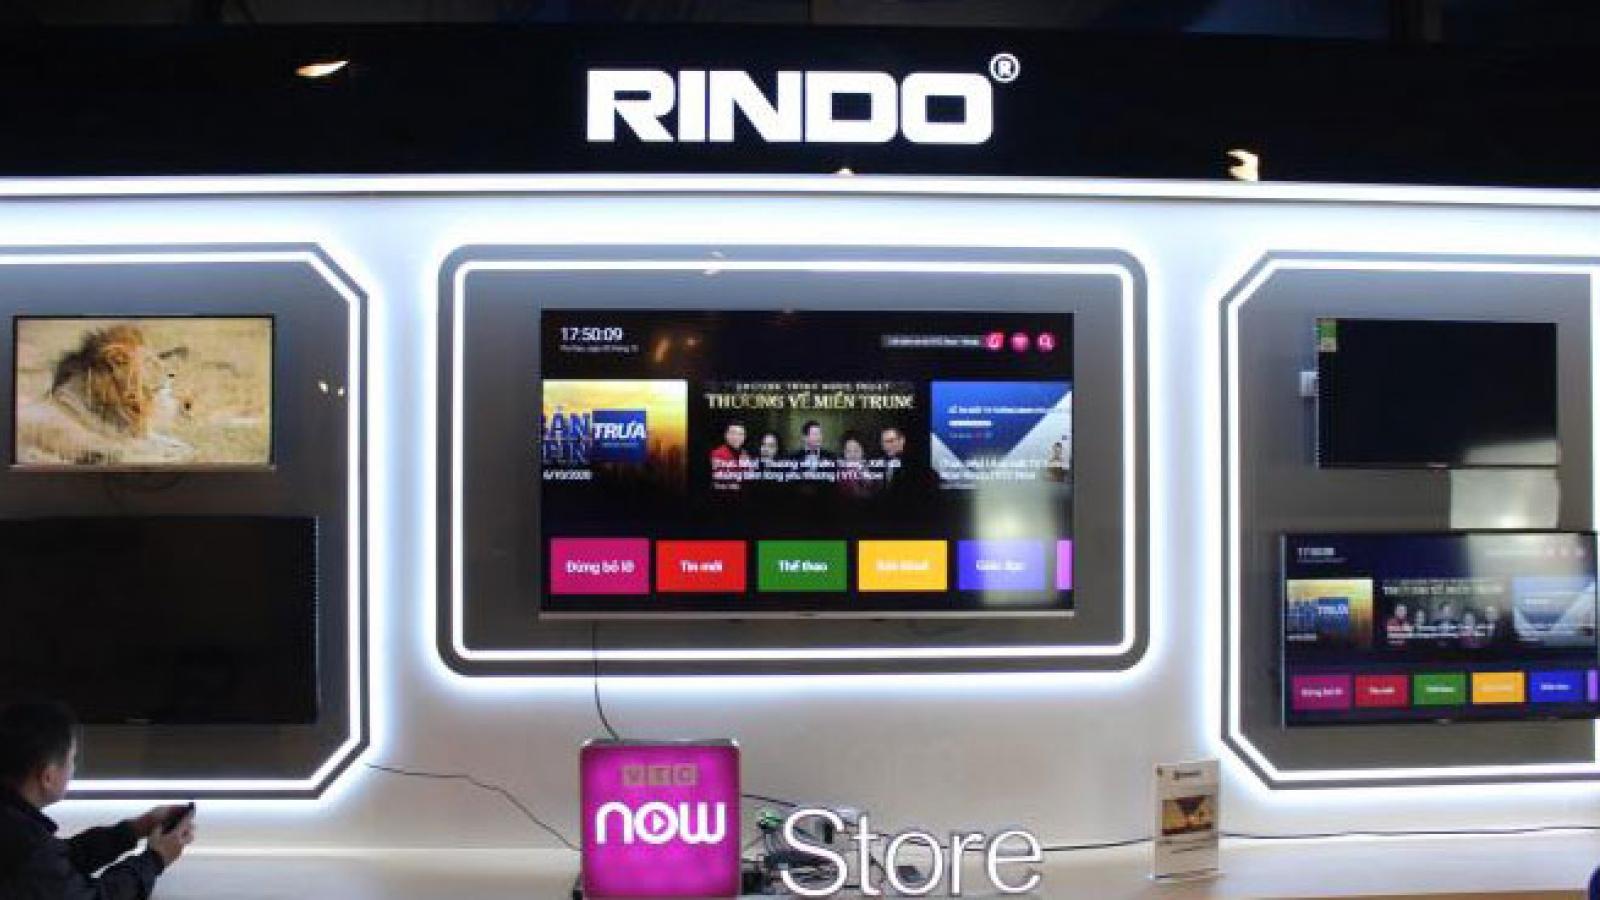 Ra mắt VTC Now Rindo - TV thông minh đầu tiên tại Việt Nam